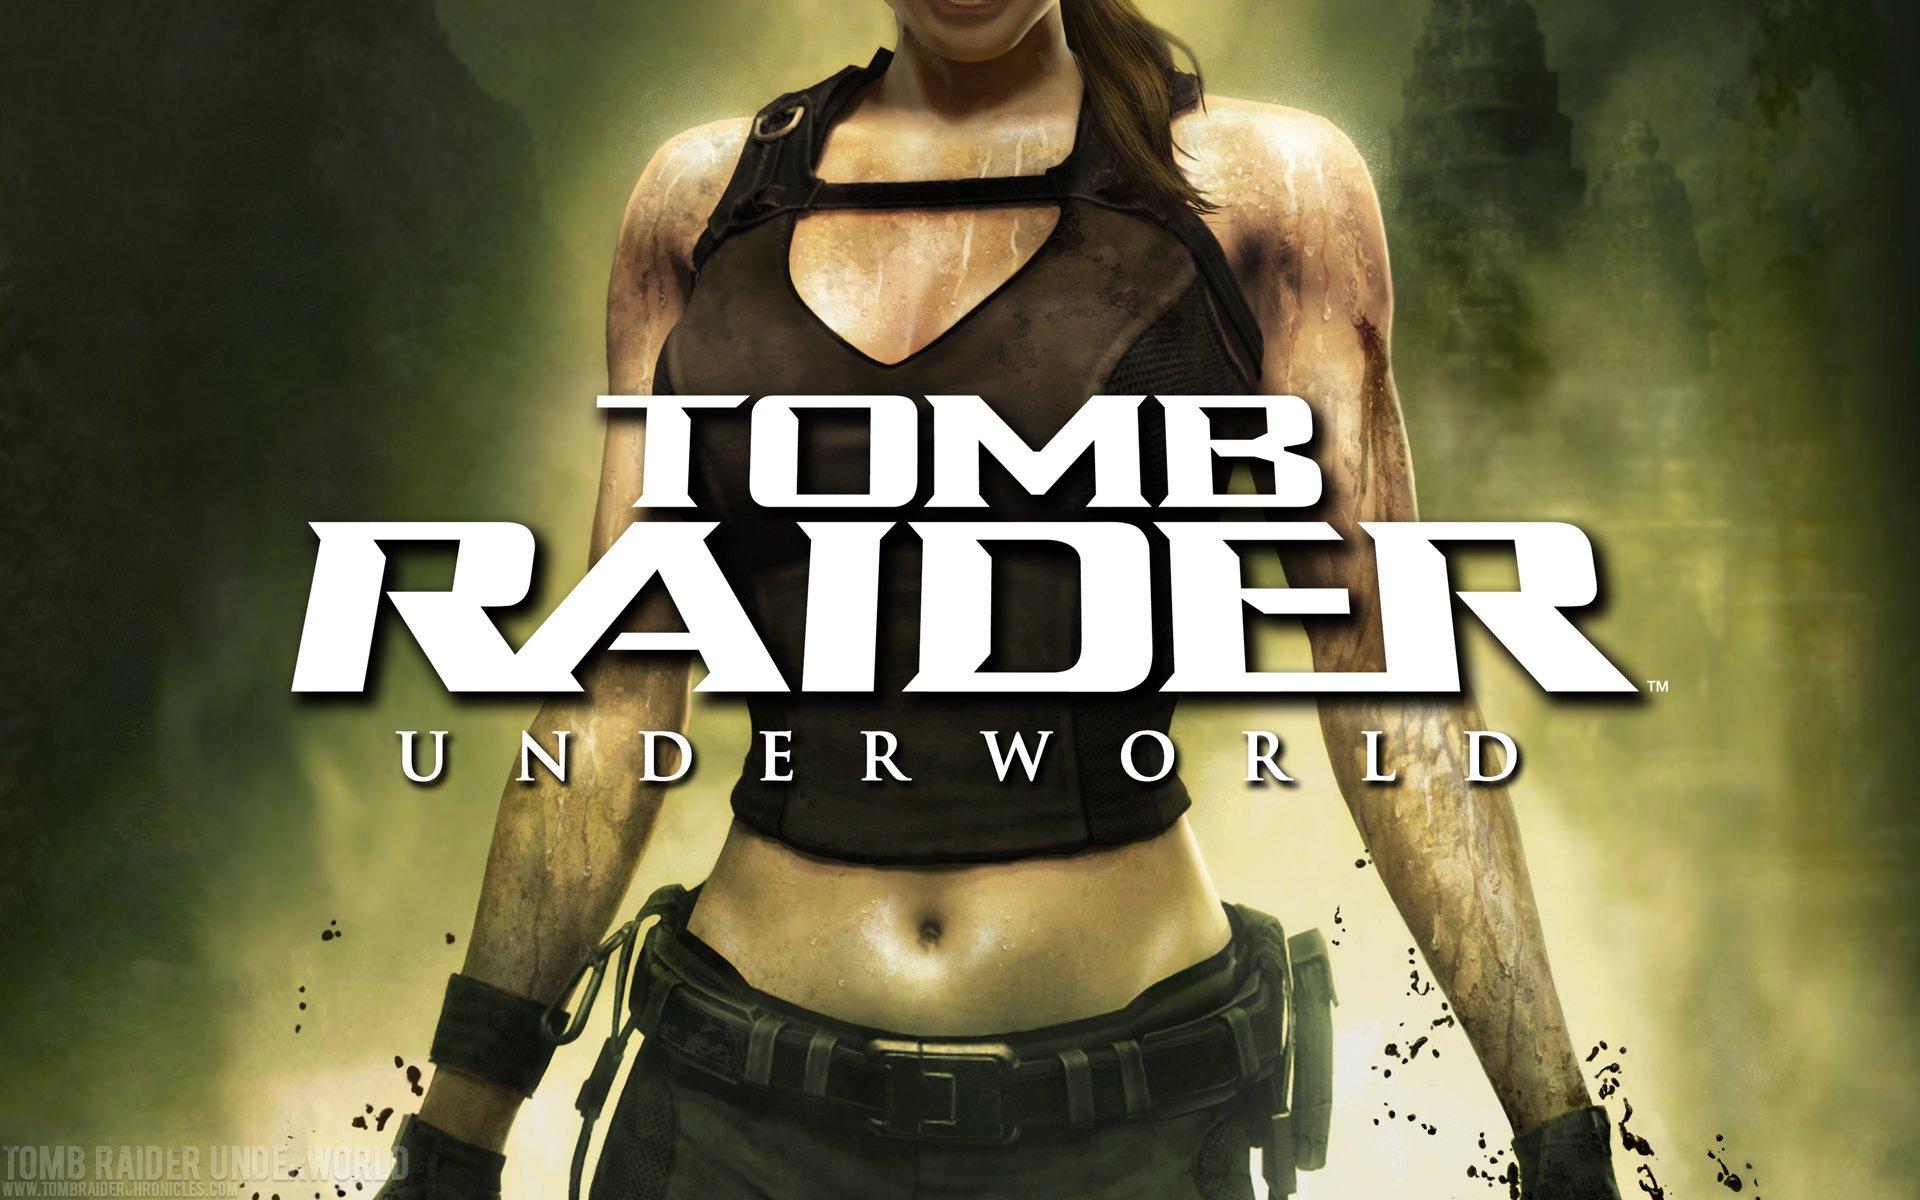 Werbung für Tomb Raider: Underworld. Lara ist längst zu einer Marke geworden. (Bild: Crystal Dynamics)